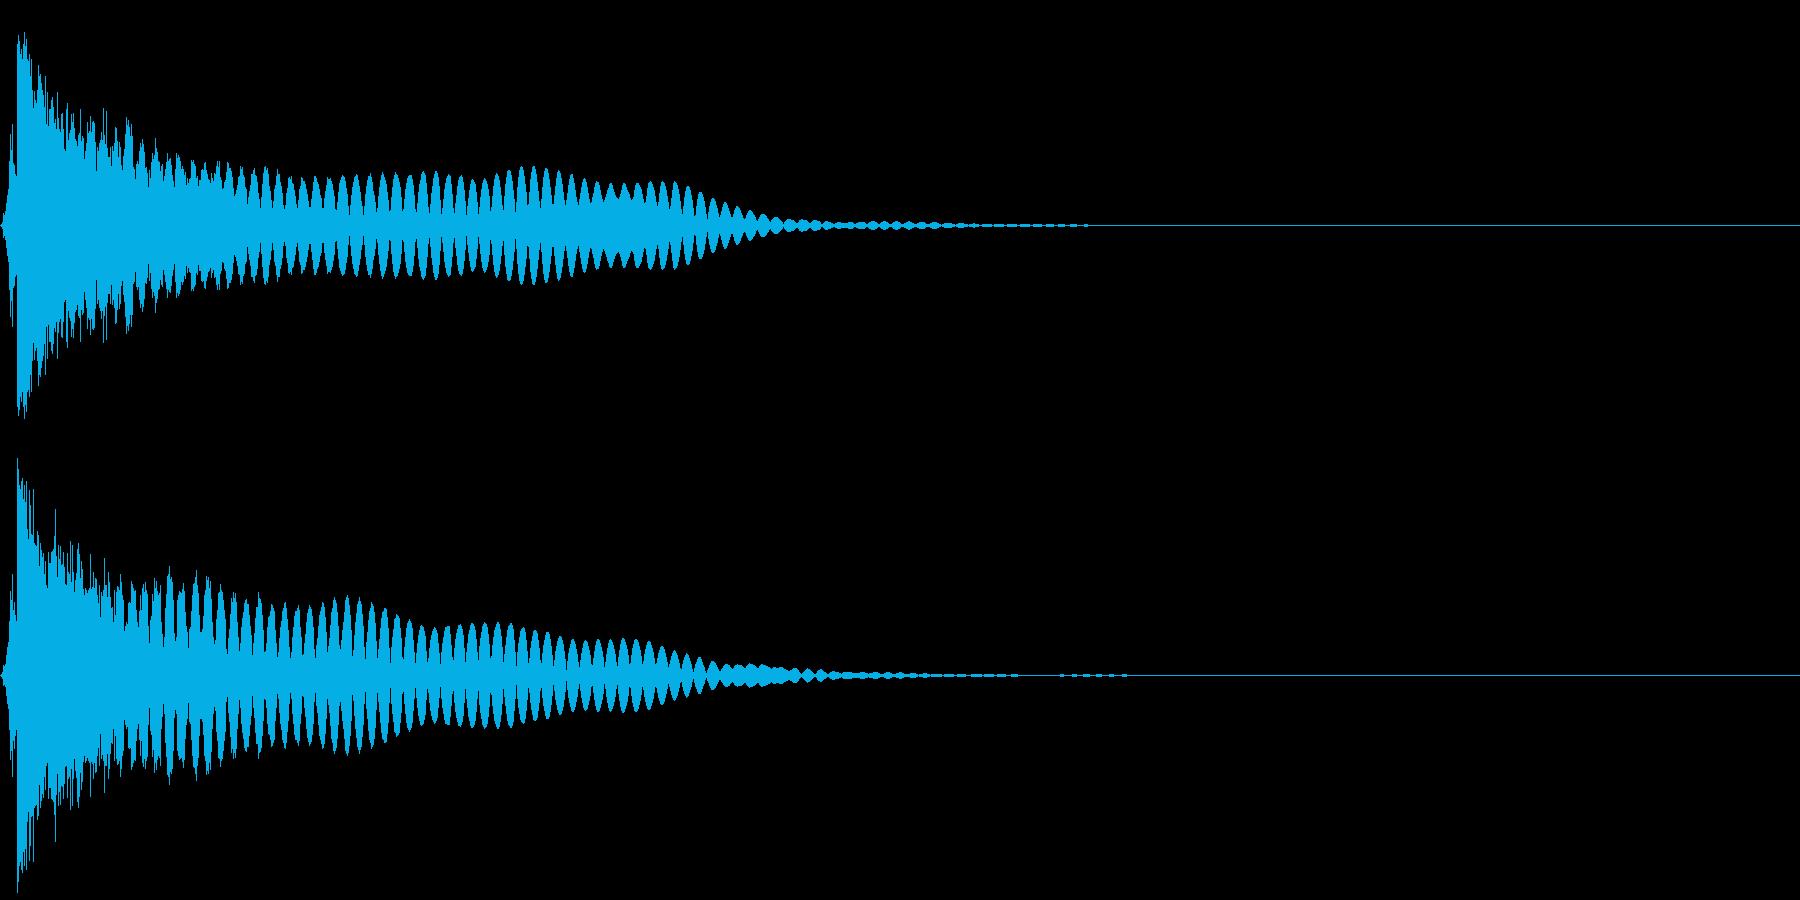 刀 キーン 剣 リアル インパクト Oの再生済みの波形